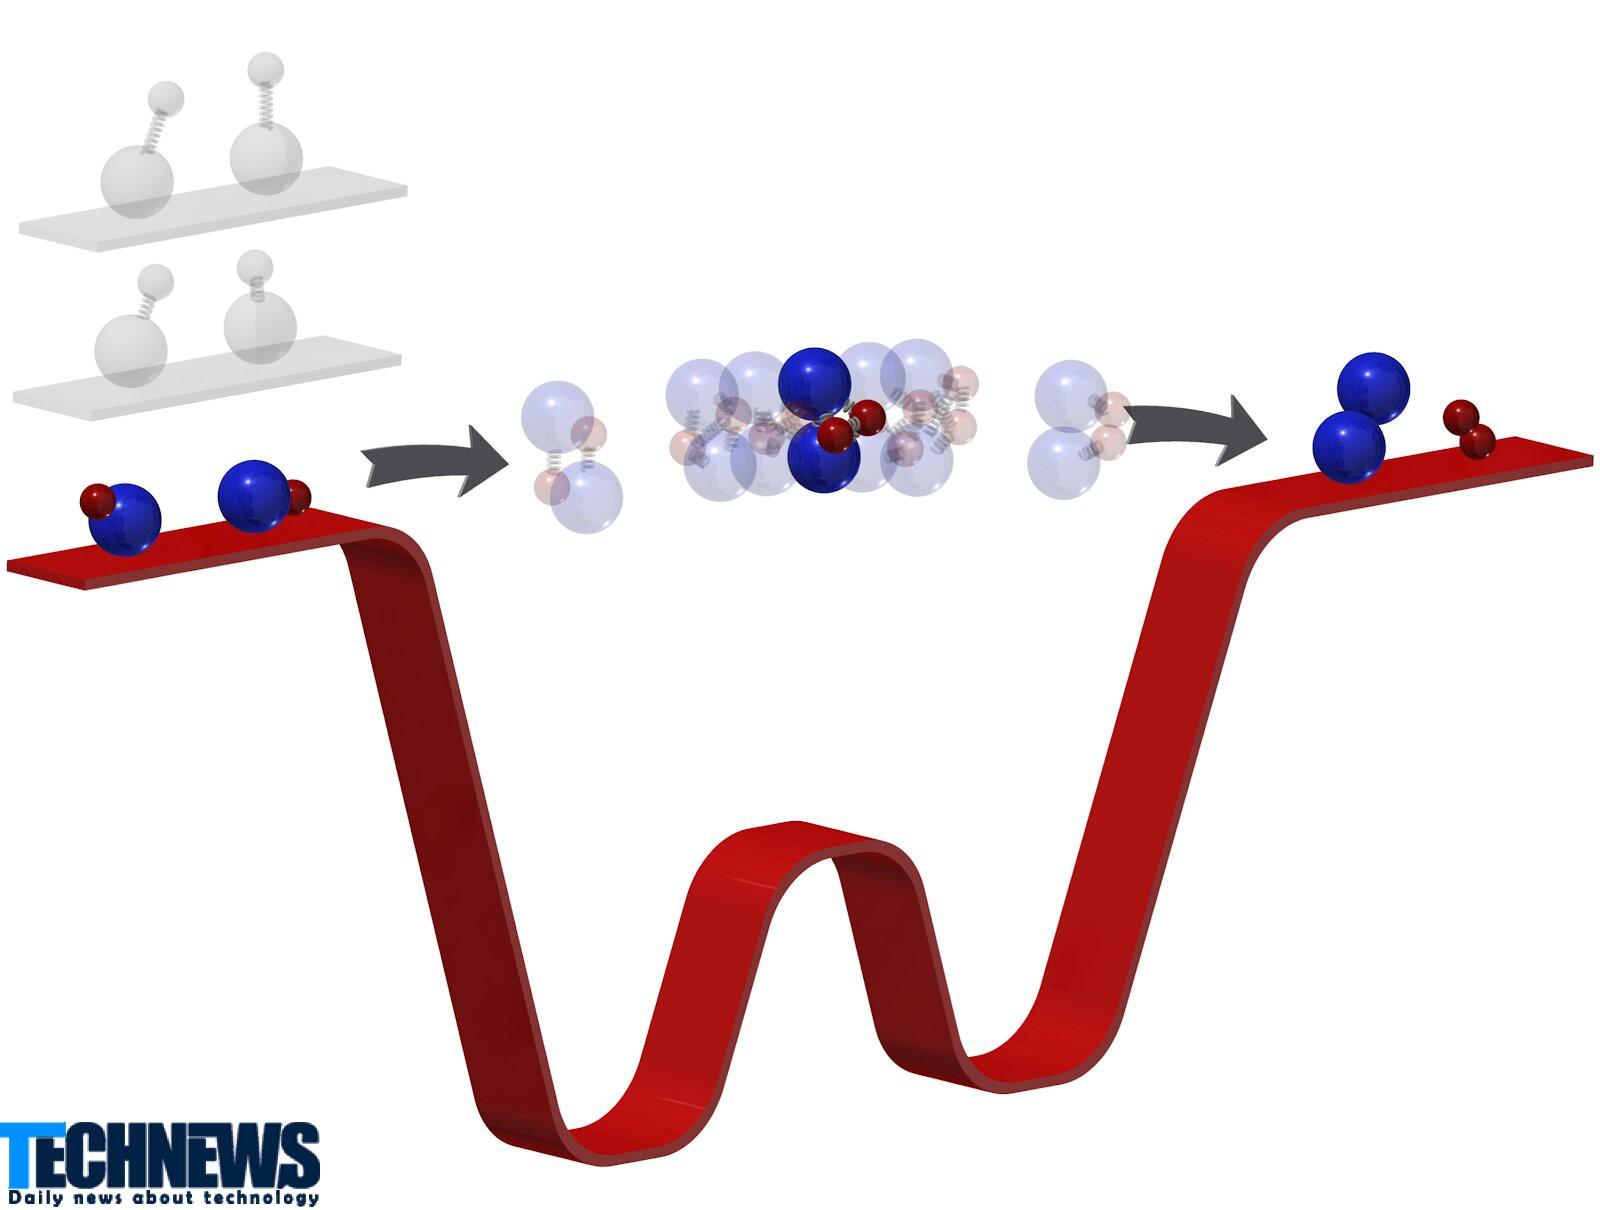 شبیه سازی کوانتومی واکنش شیمیایی توسط محققان گوگل